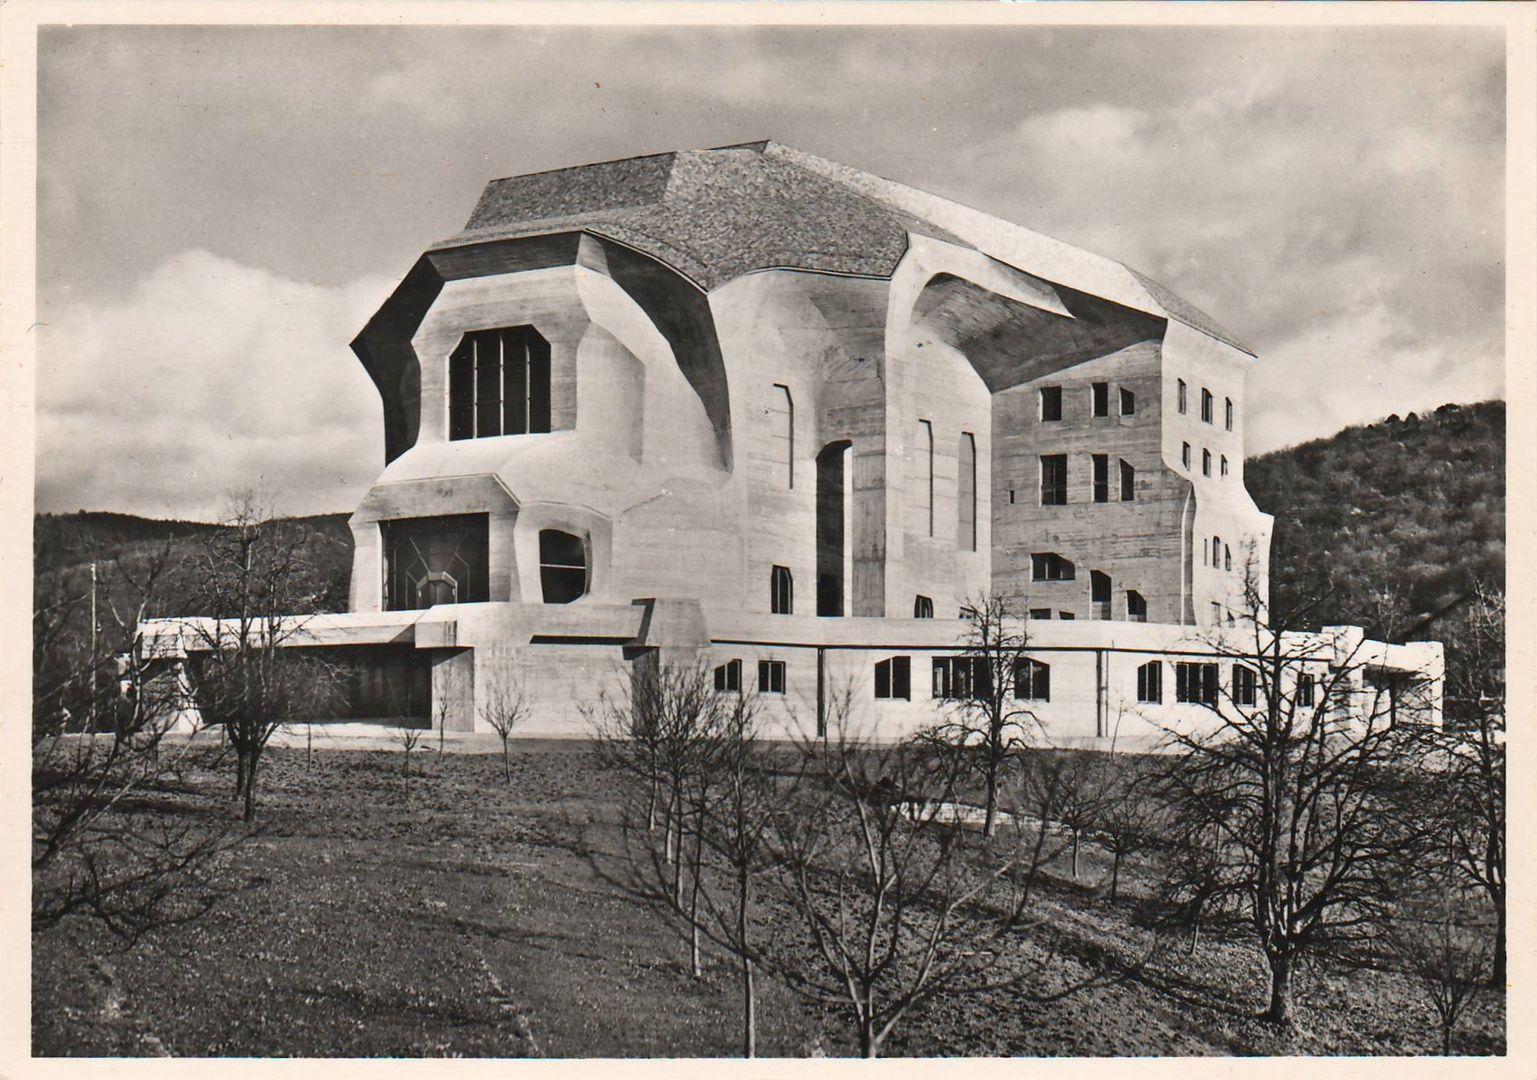 steiner rudolf second goetheanum dornach switzerland 1923 1928 expressionist. Black Bedroom Furniture Sets. Home Design Ideas